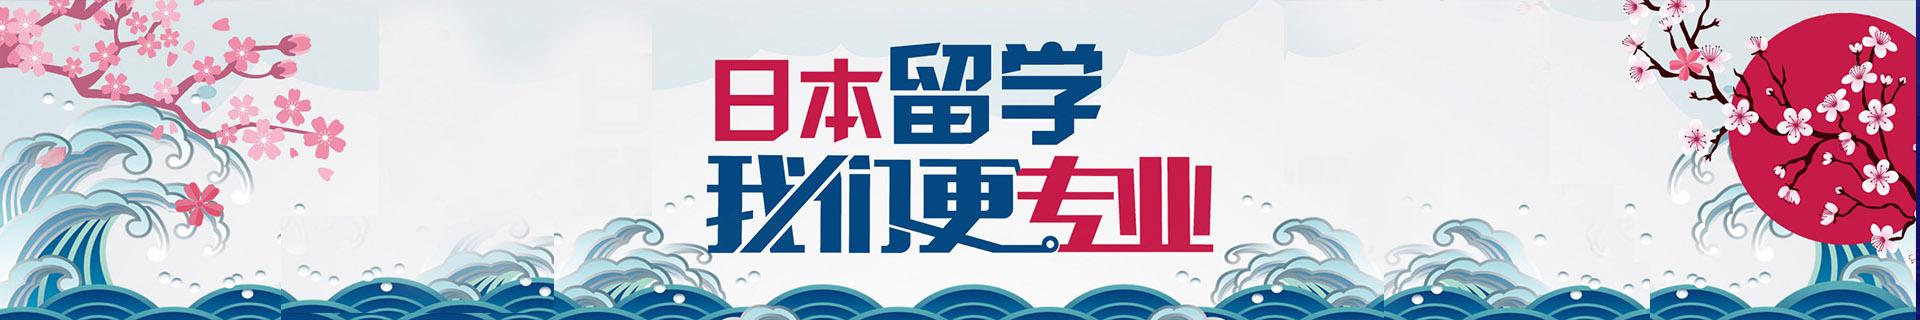 镇江润州区樱花国际日语